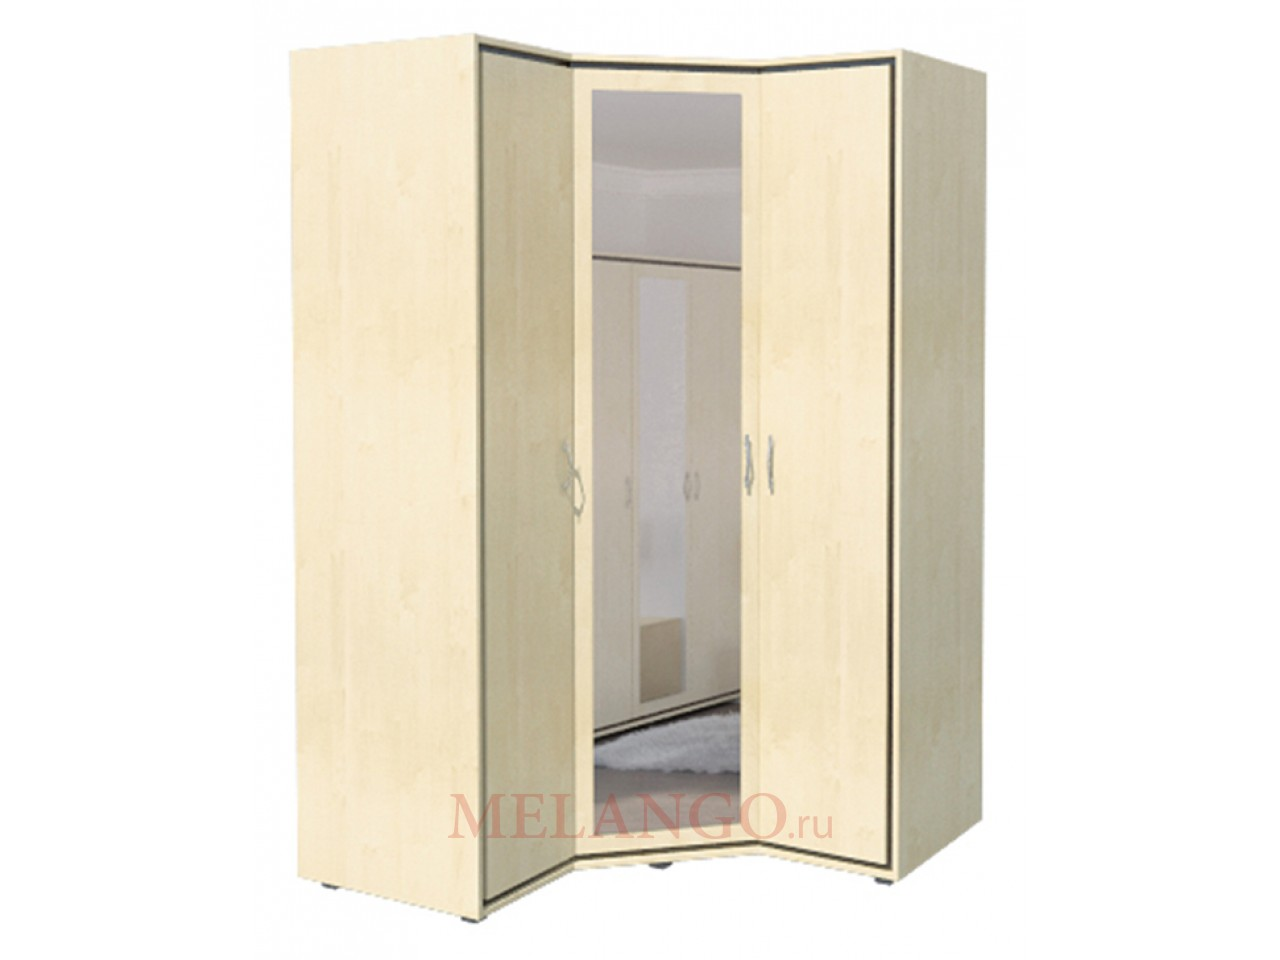 Трехстворчатый угловой шкаф для одежды с зеркалом в спальню Глория МН-210-08